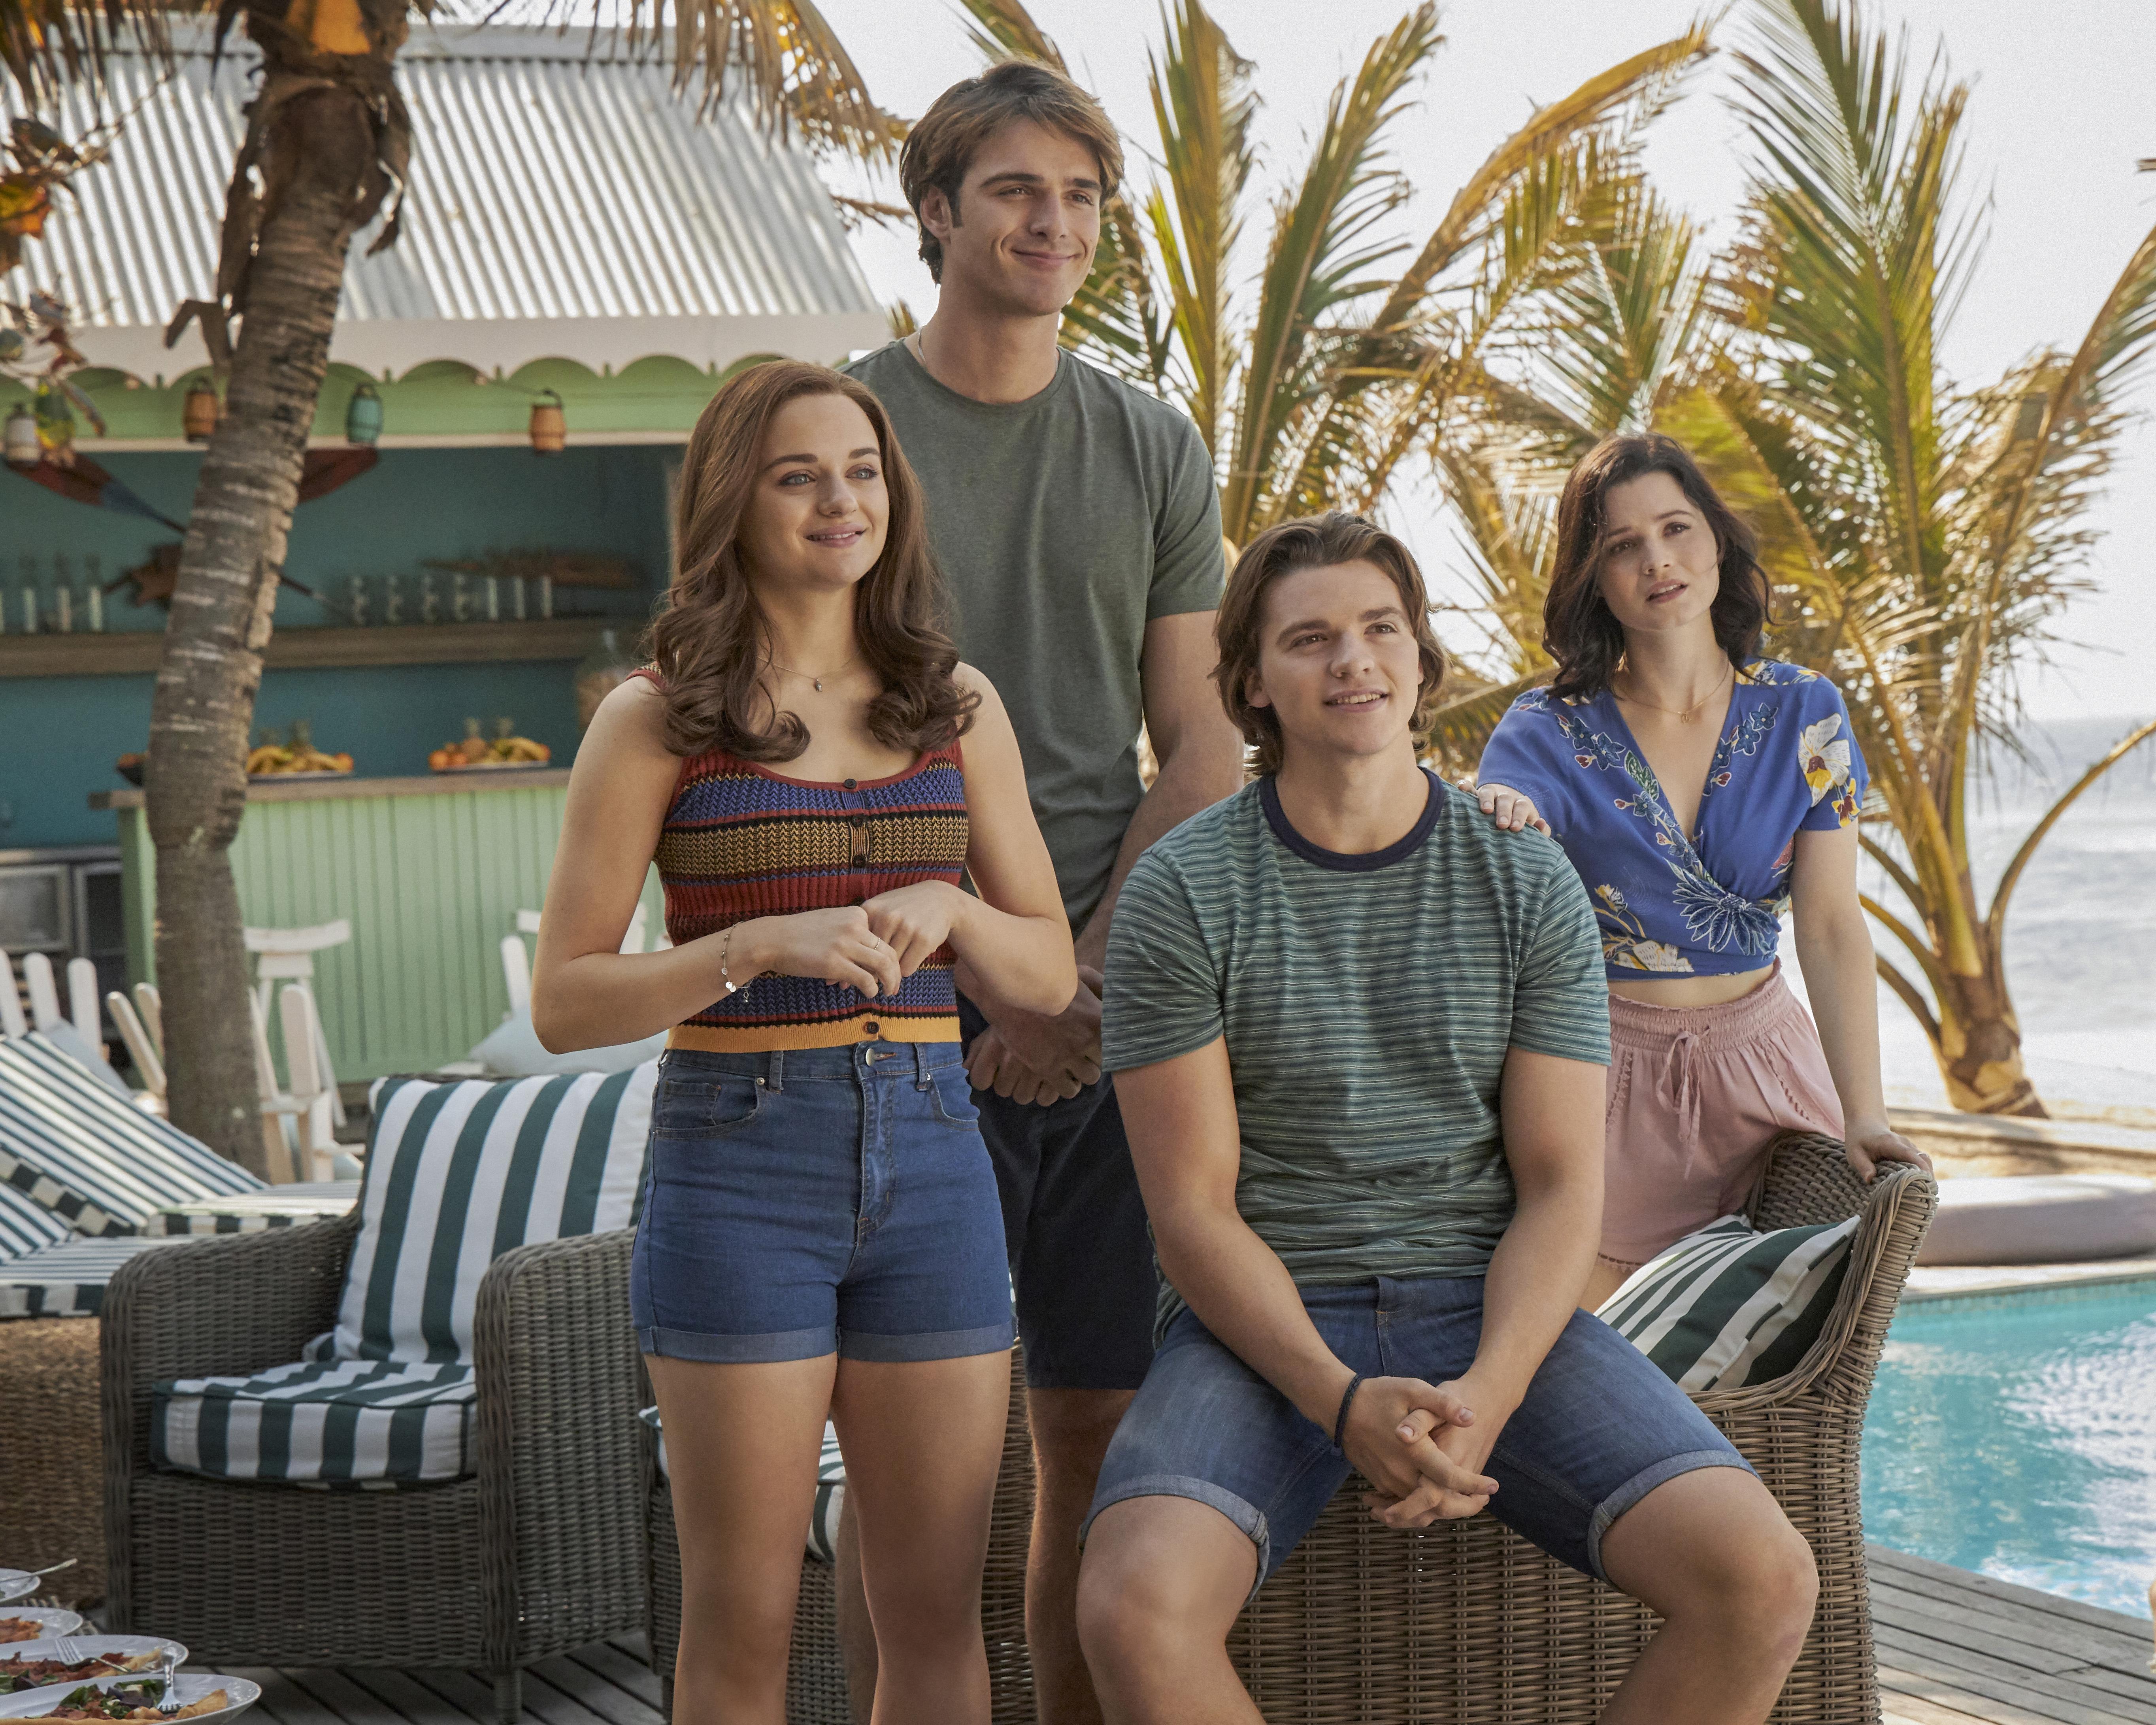 8 فیلم جدید برای تماشای در آگوست 2021 در Netflix ، HBO Max ، Amazon و موارد دیگر